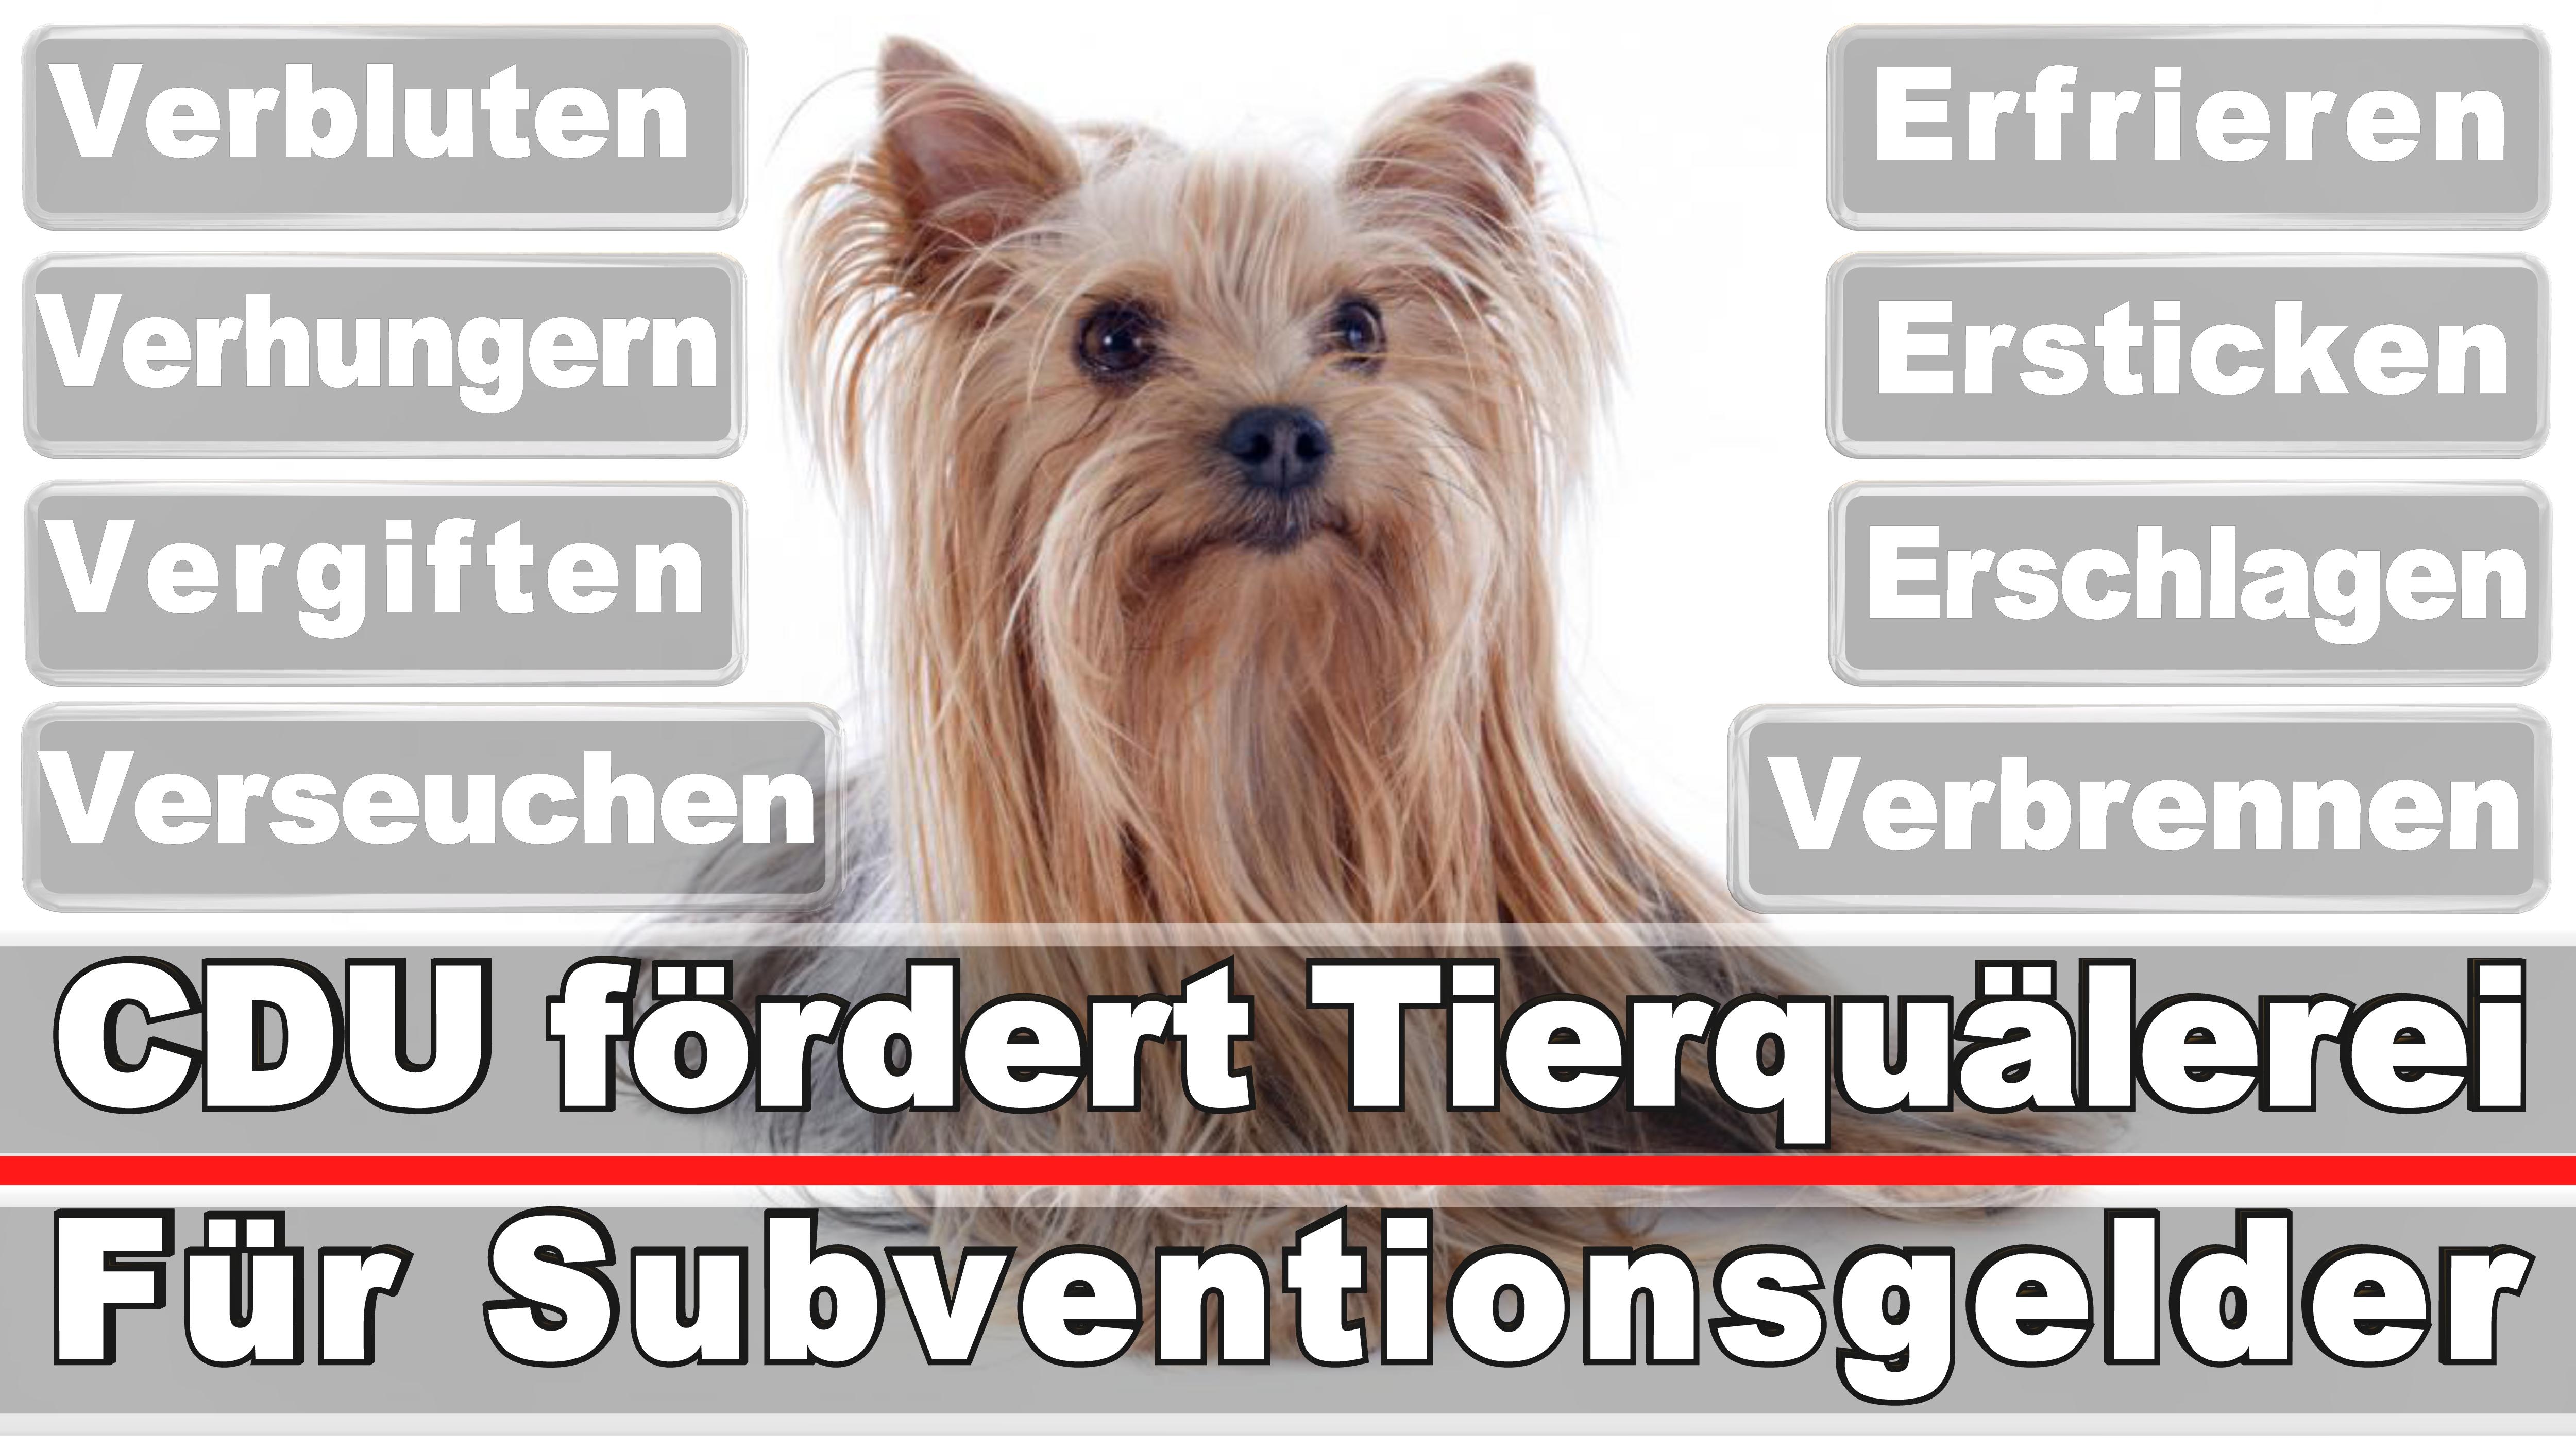 Landtagswahl-Bundestagswahl-CDU-SPD-FDP-AFD-Linke-Piraten (20)